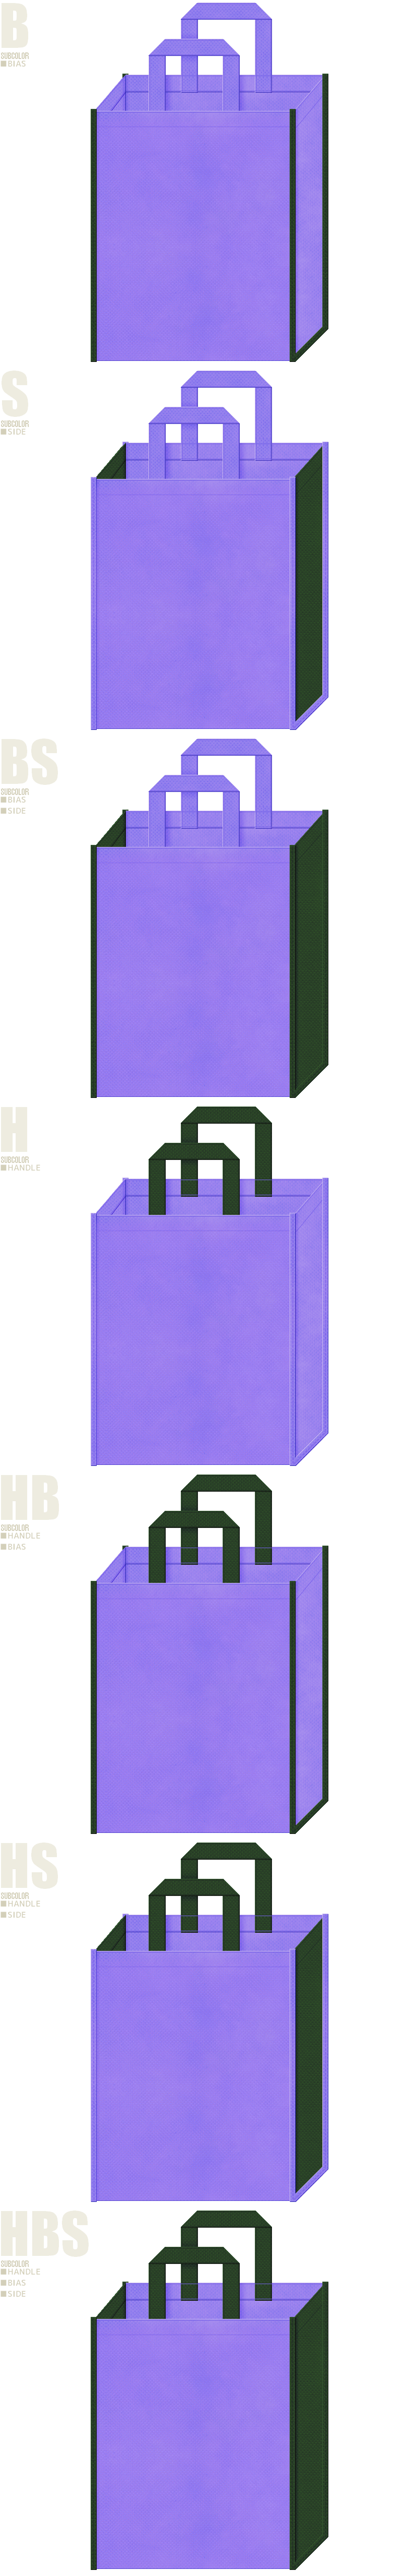 藤・花菖蒲・華道・生け花・邦楽演奏会・和風庭園・和風催事にお奨めの不織布バッグデザイン:薄紫色と濃緑色の配色7パターン